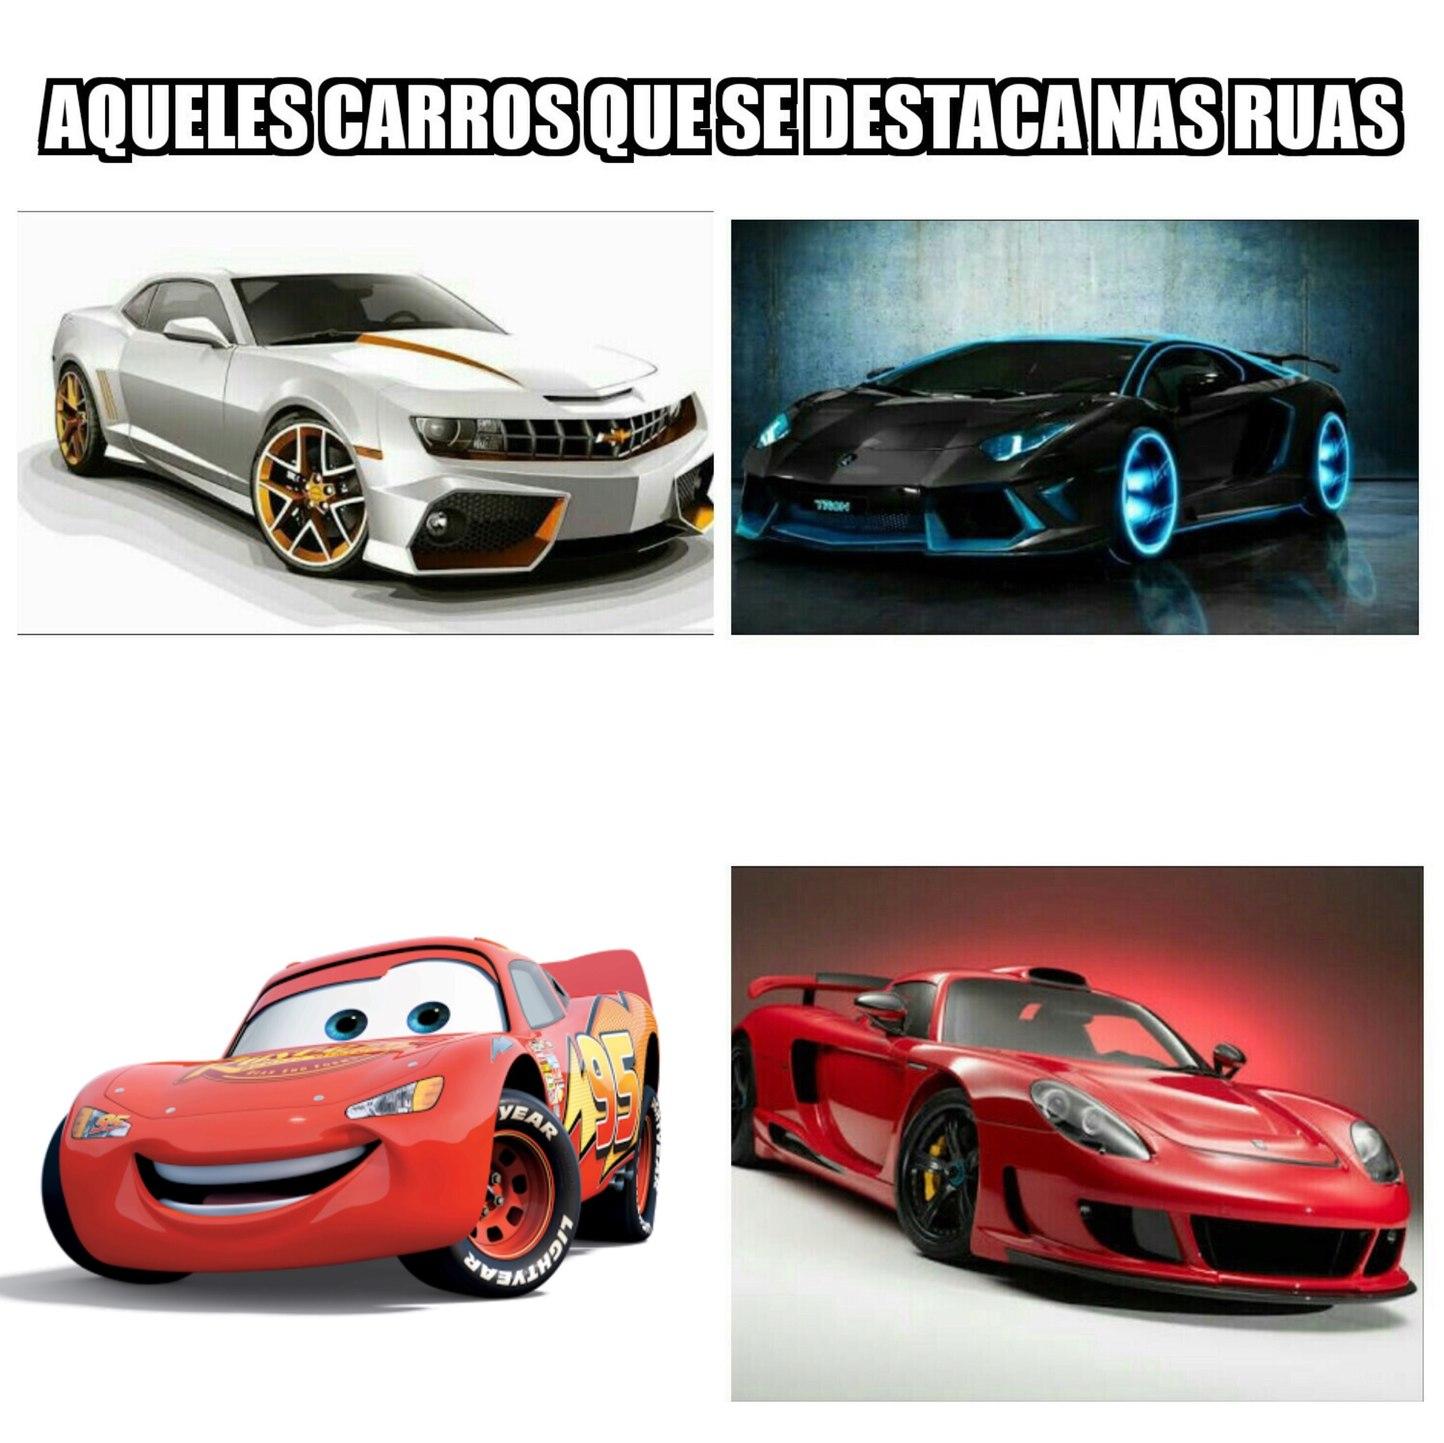 Relâmpago Marquinhos - meme